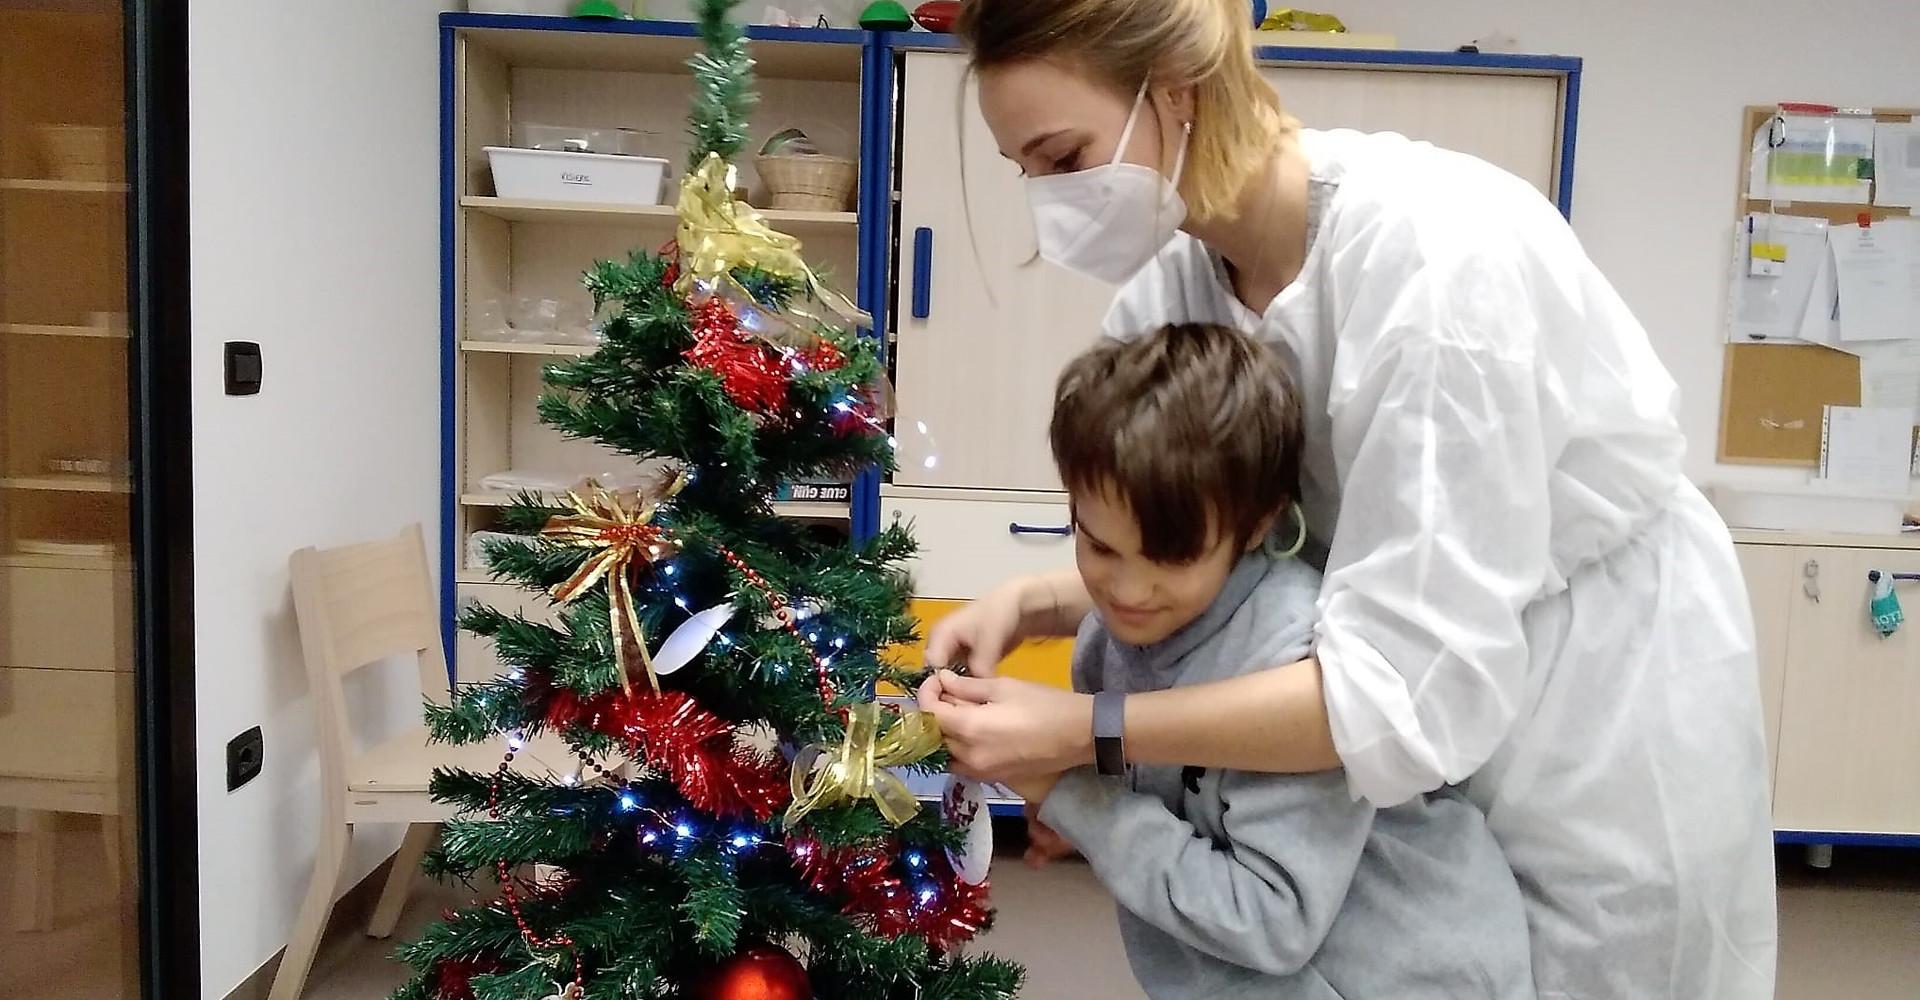 Un'operatrice e un bambino ospite del Centro Nazionale decorano un albero di Natale con palline e addobbi.